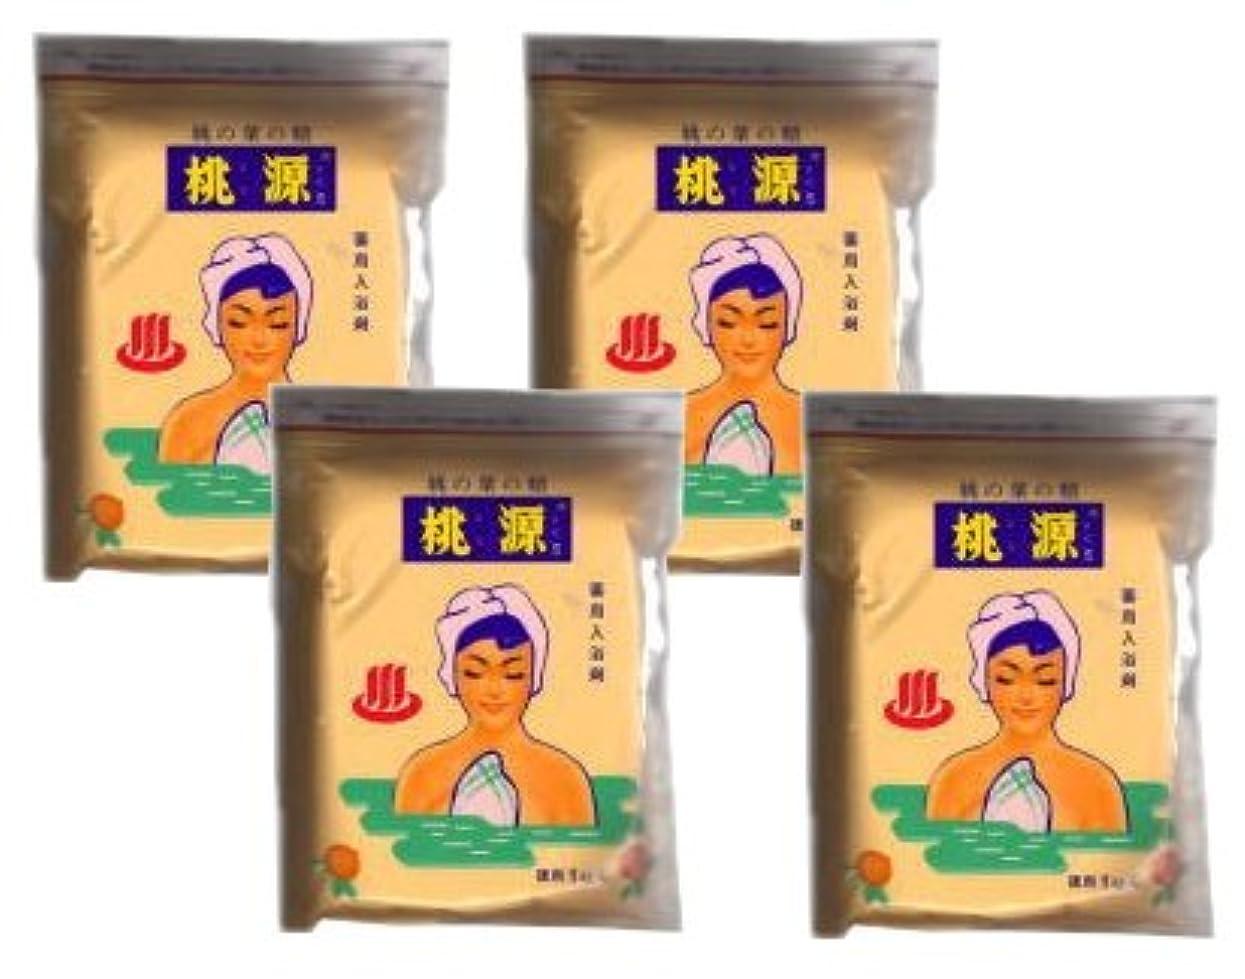 メイト忌避剤シティ桃源S 桃の葉の精 1000g 袋入り 4袋 (とうげん)